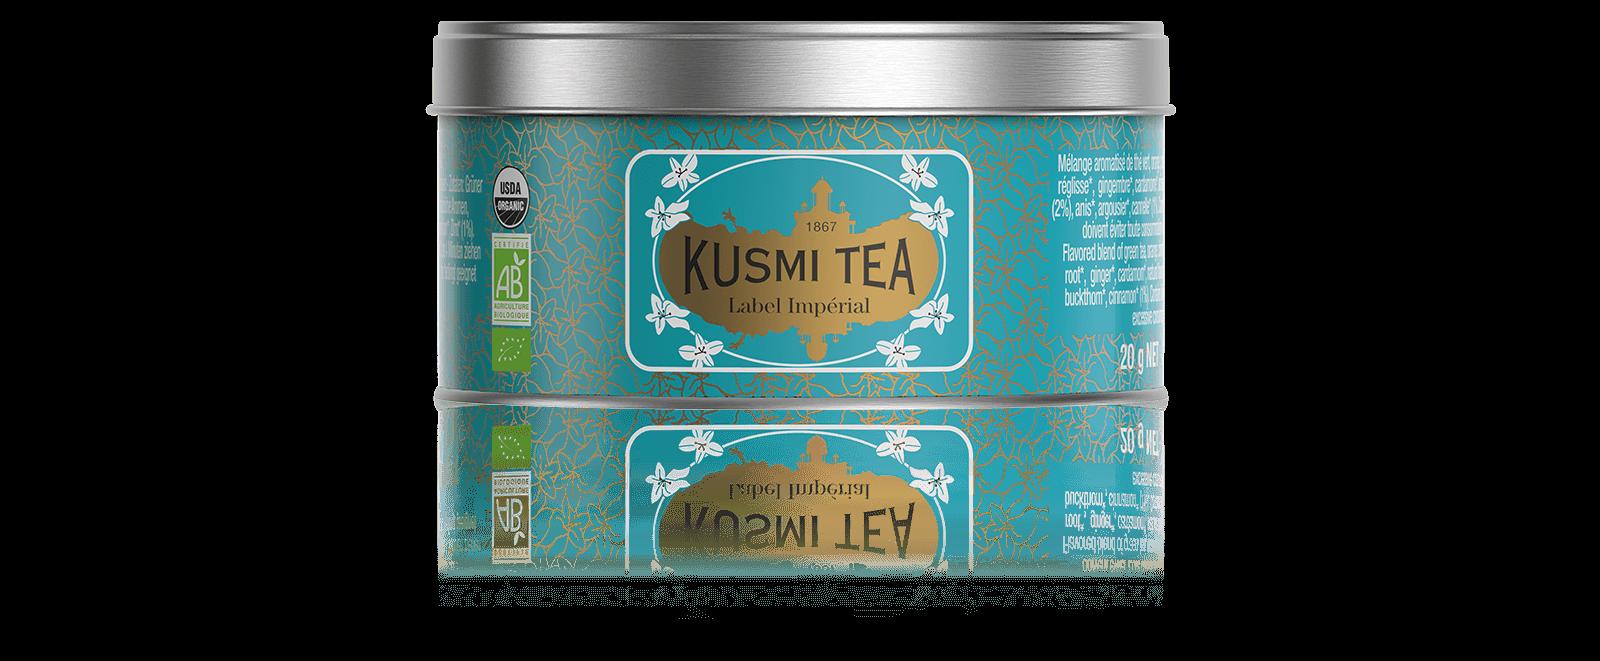 Label Imperial bio - Mélange aromatisé de thé vert, agrumes et épices. - Boite à thé en vrac - Kusmi Tea